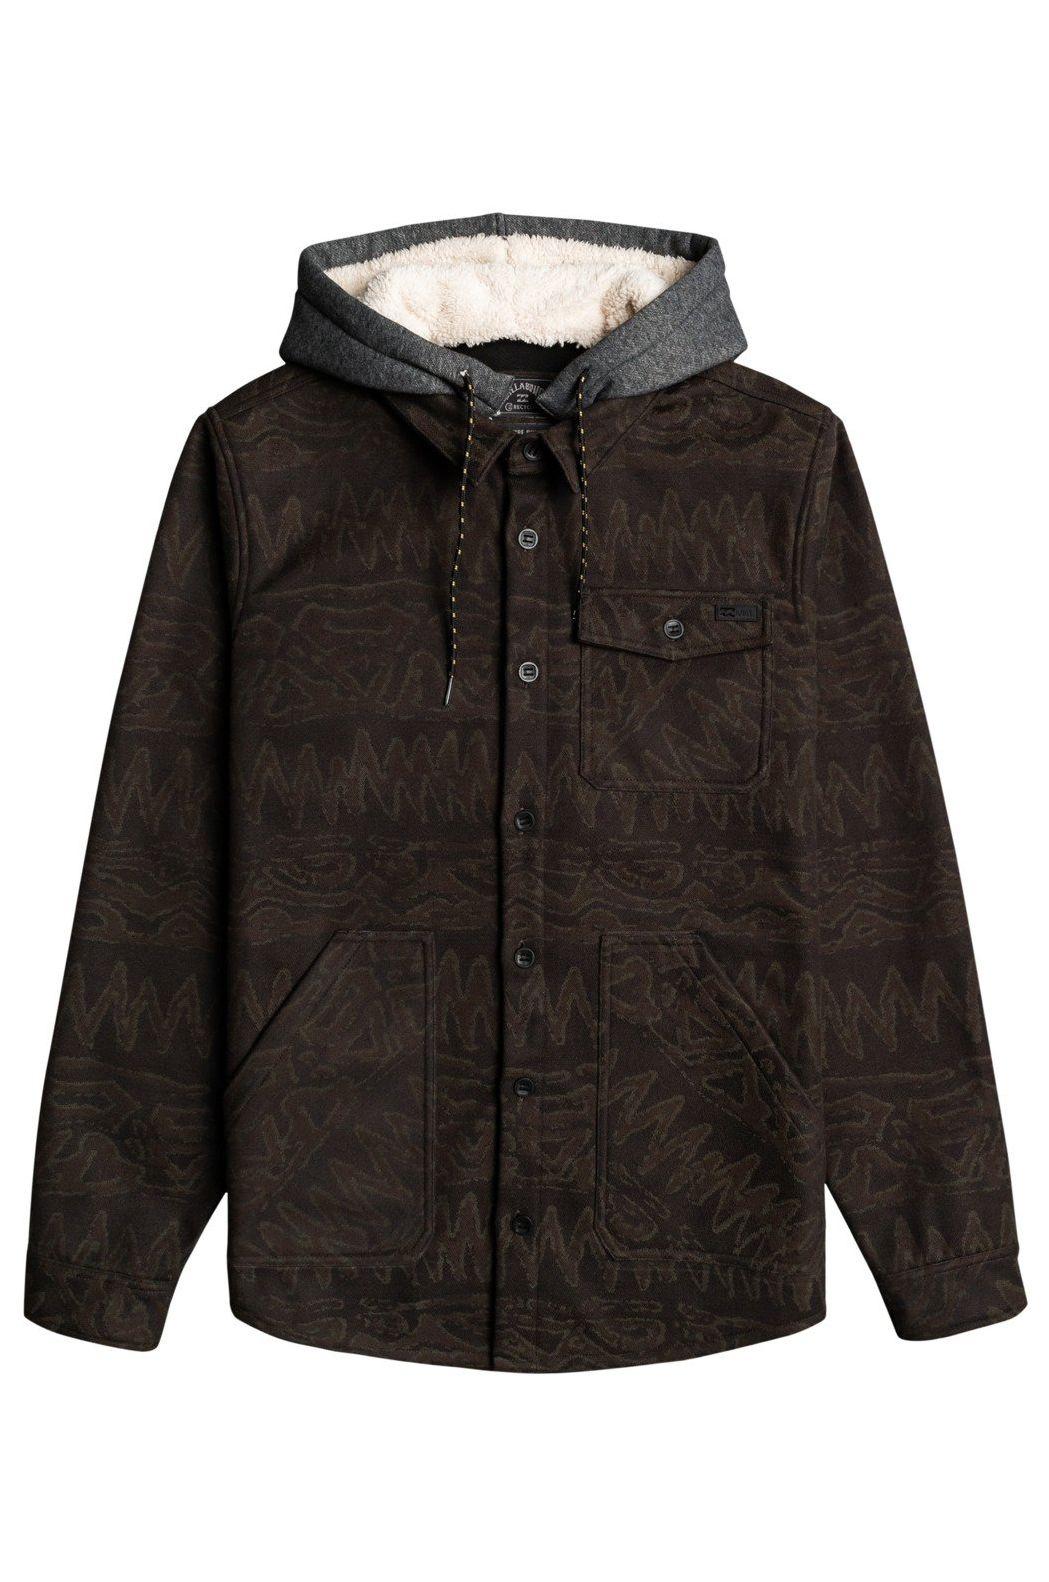 Camisa Billabong FURNACE BONDED FLANN ADVENTURE DIVISION Black